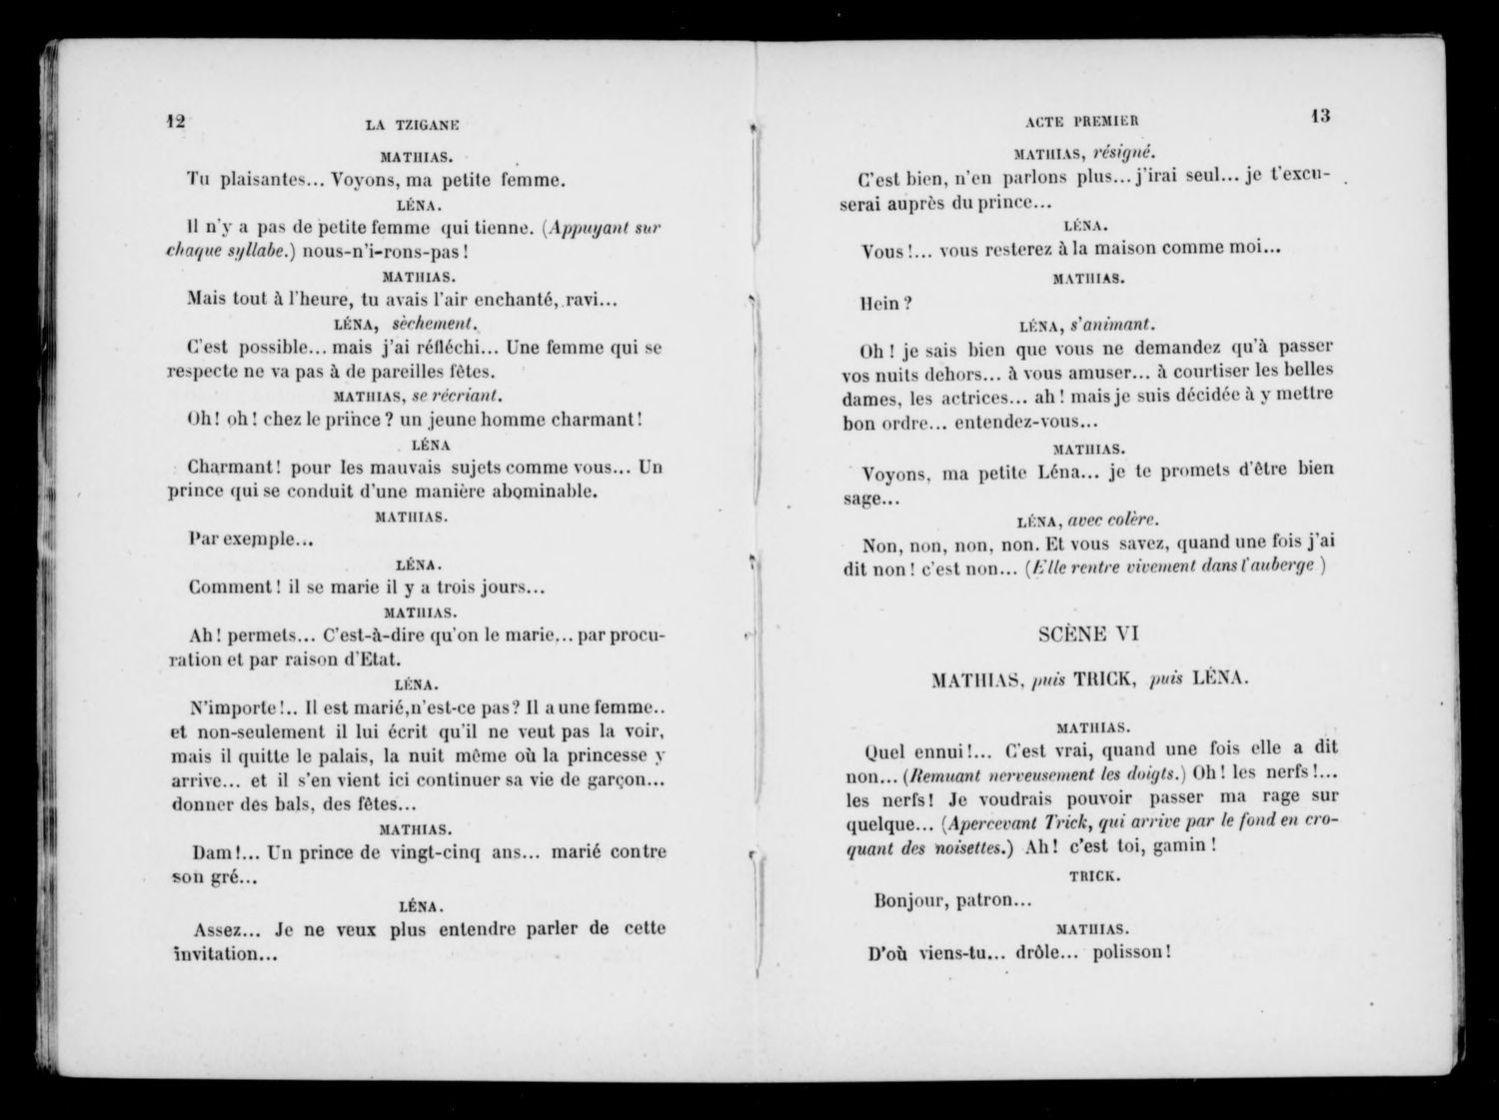 Albert Schatz Collection, Available Online, La Tzigane concernant Ah Les Cro